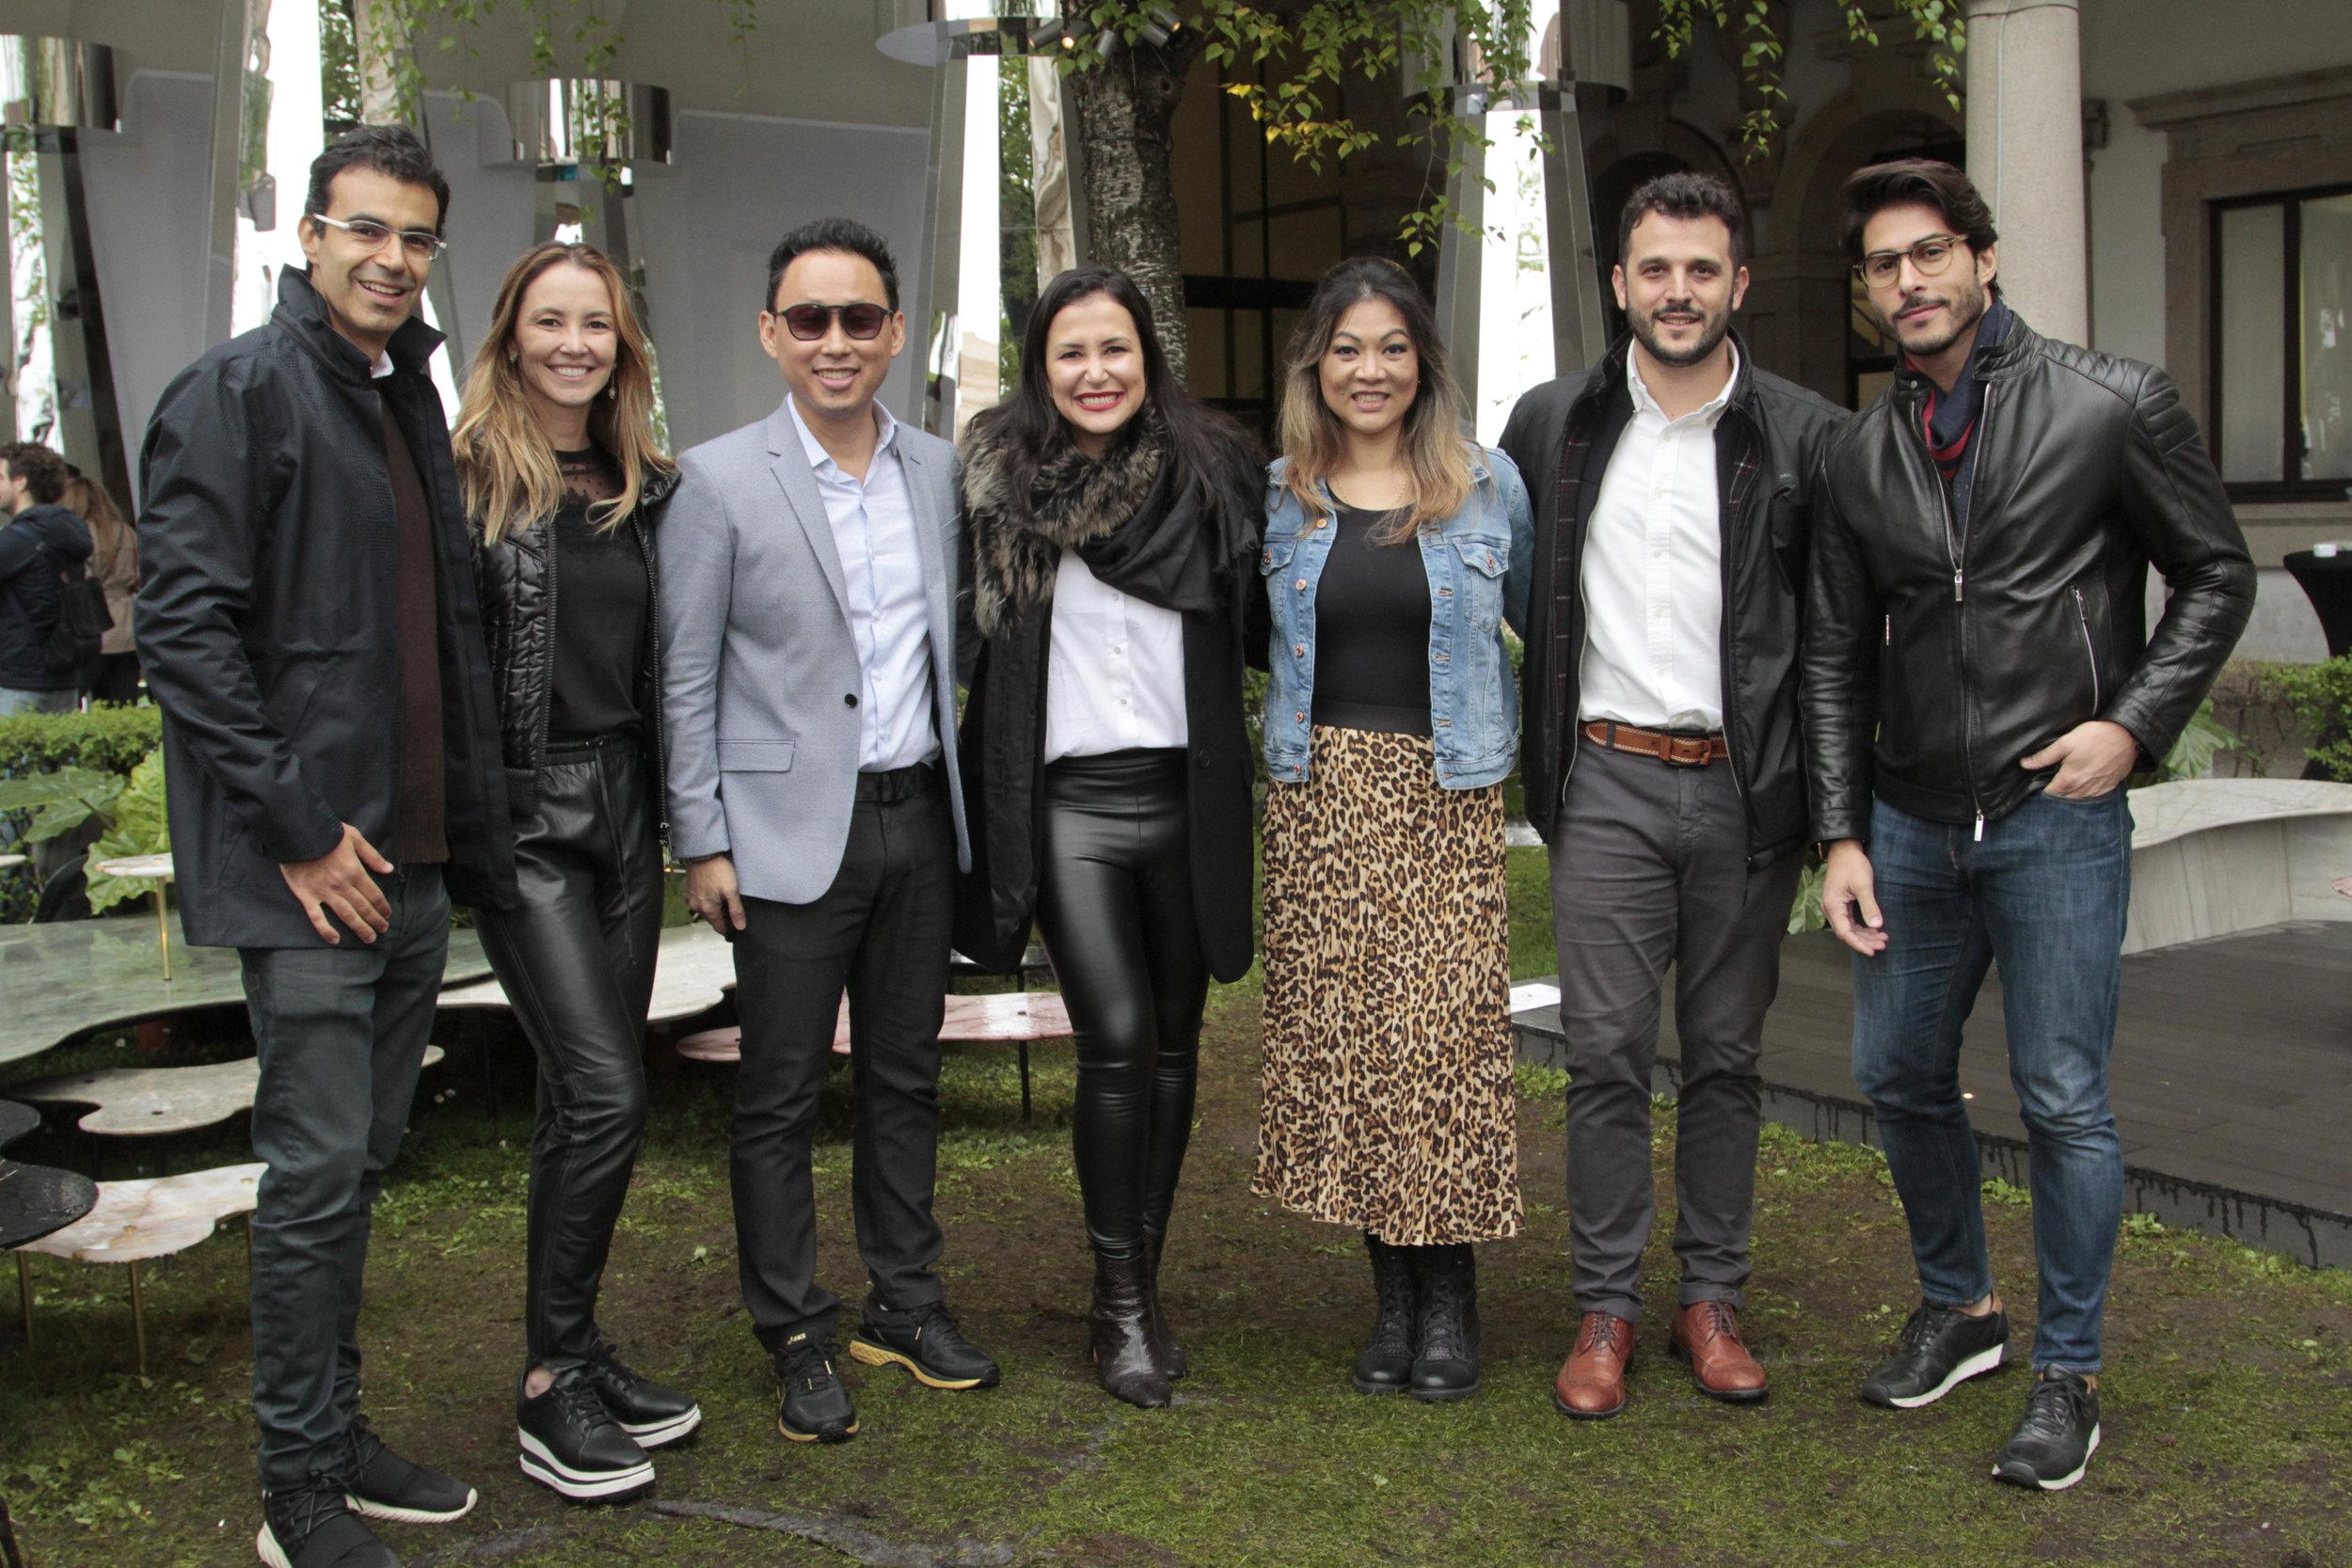 Ricardo Saad, Erika Coser, Fabiano Hayasaki, Vivian Coser, Tania Hayasaki, Lucas Chequer e Bruno Santos